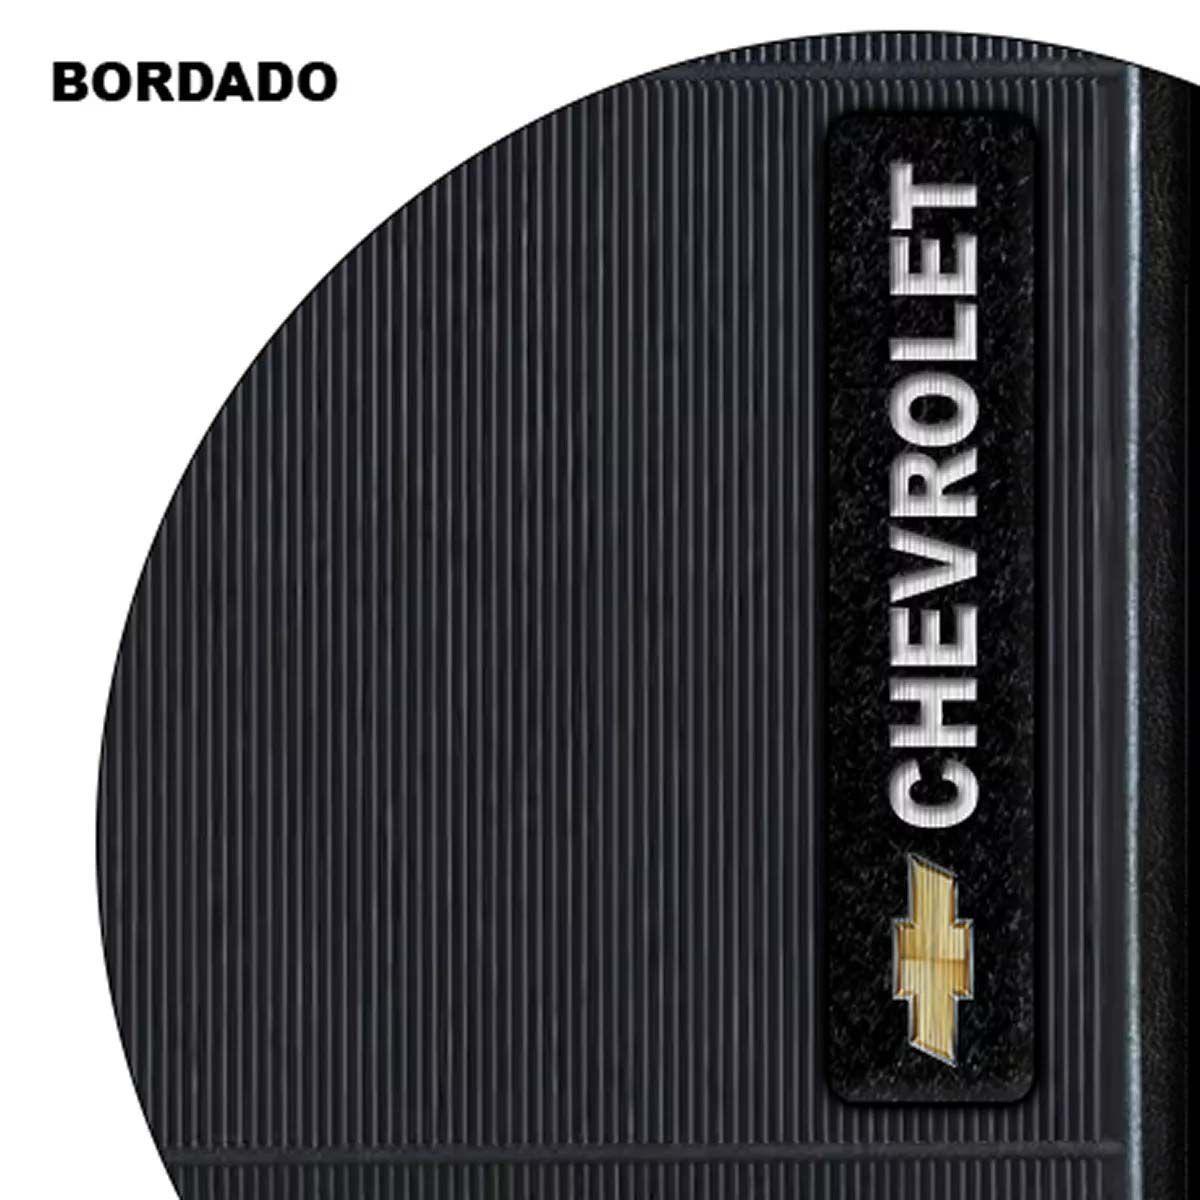 Jogo de Tapete Automotivo para Todos Carros Chevrolet Emborrachado Preto Antiderrapante Impermeável Universal com Logo Bordado e Personalizado Gm